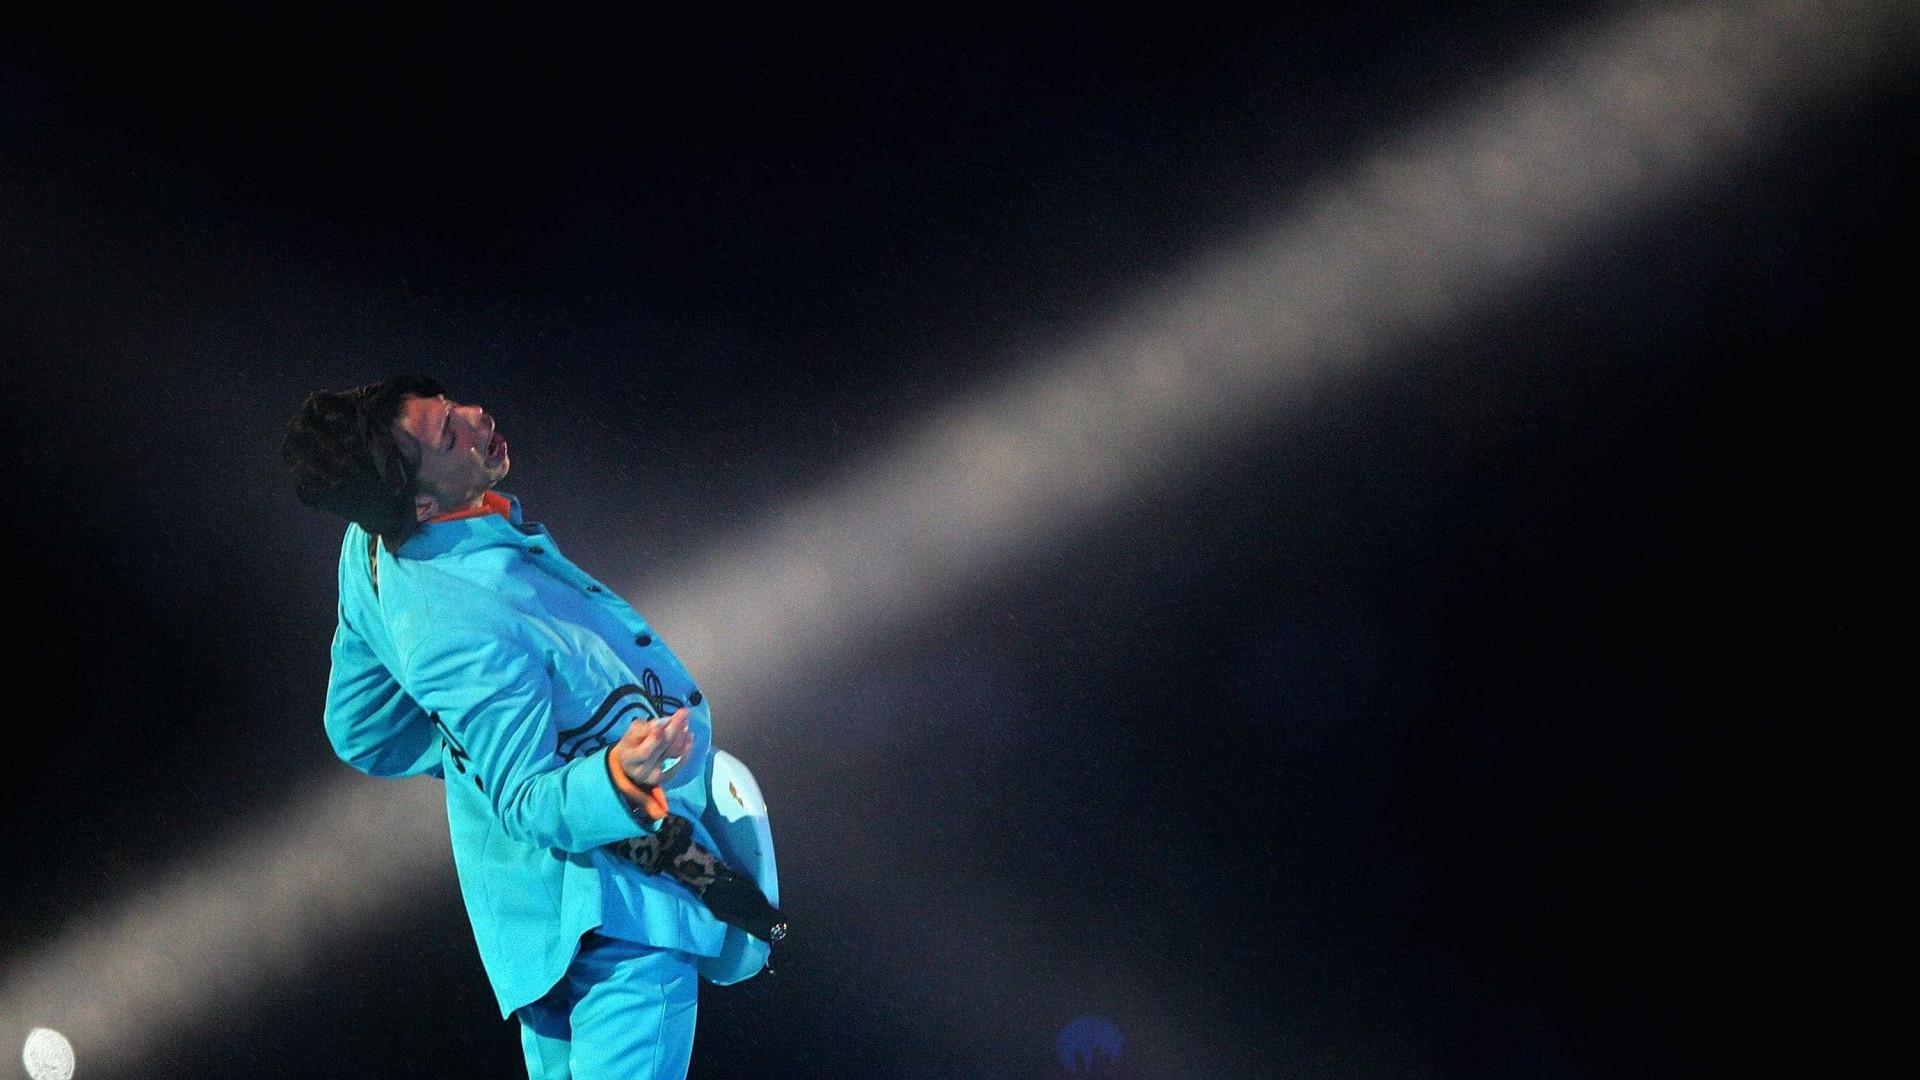 Herdeiros de Prince lançam versão inédita de 'Nothing Compares 2 U'